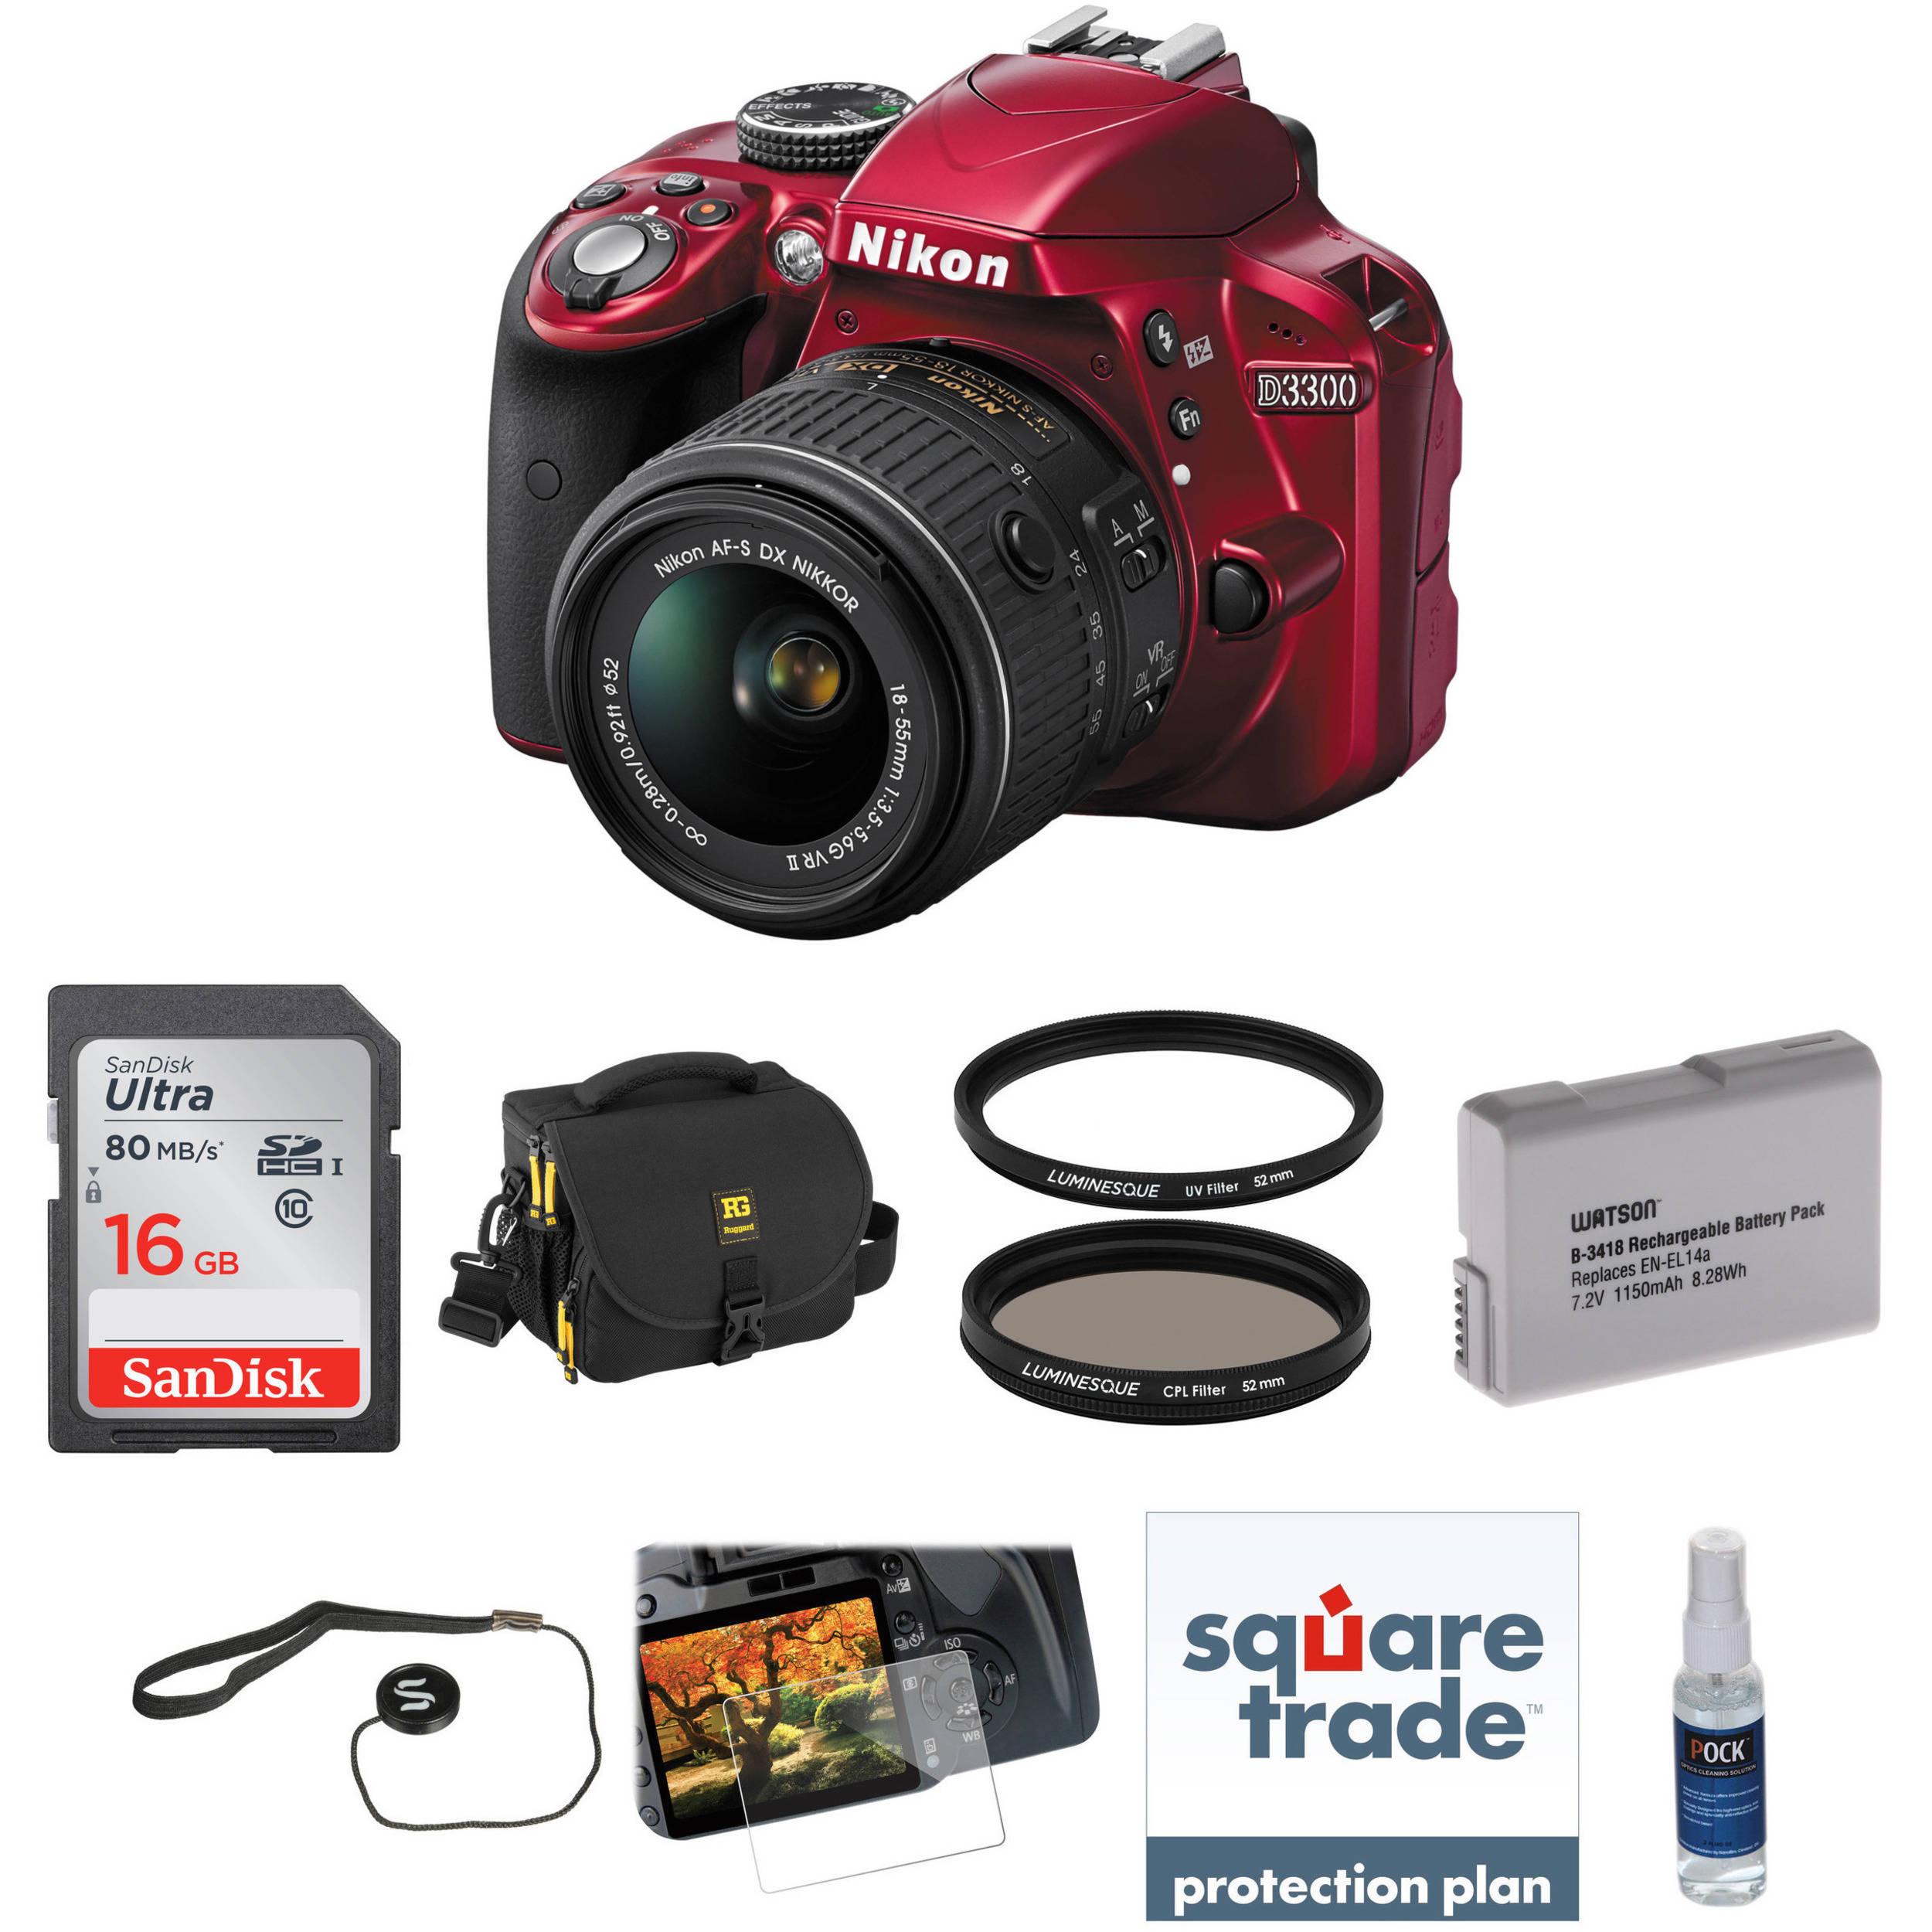 Nikon d3300 deals